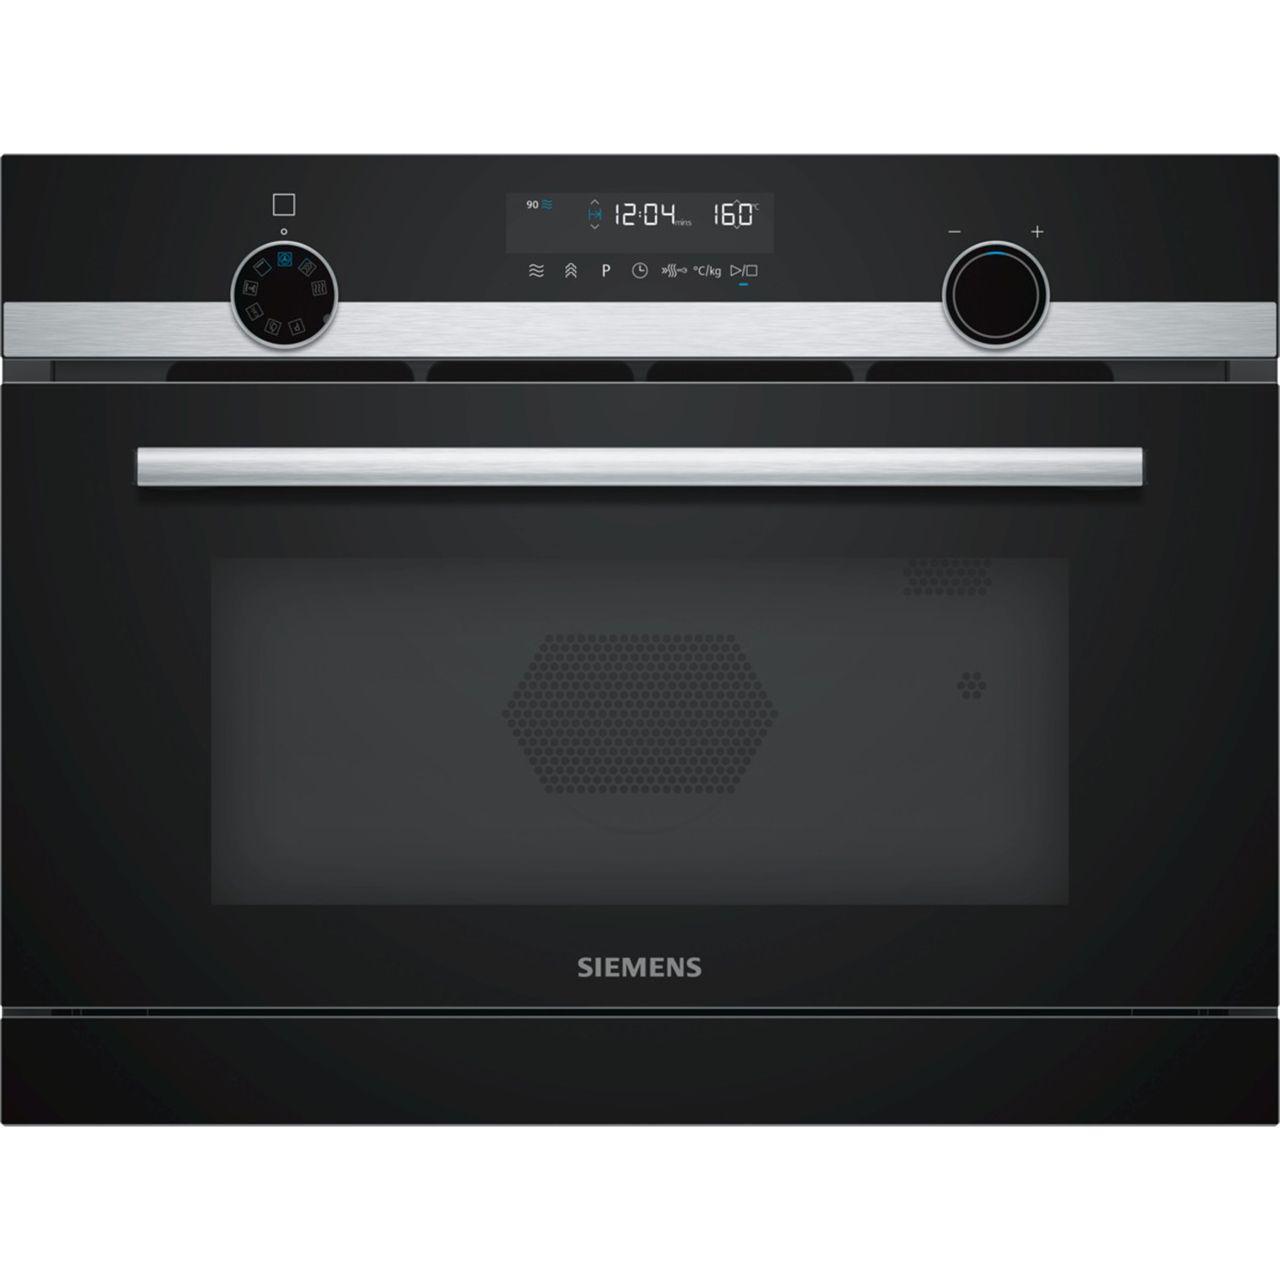 Siemens Cp565ags0b Iq 500 1000 Watt Microwave Built In